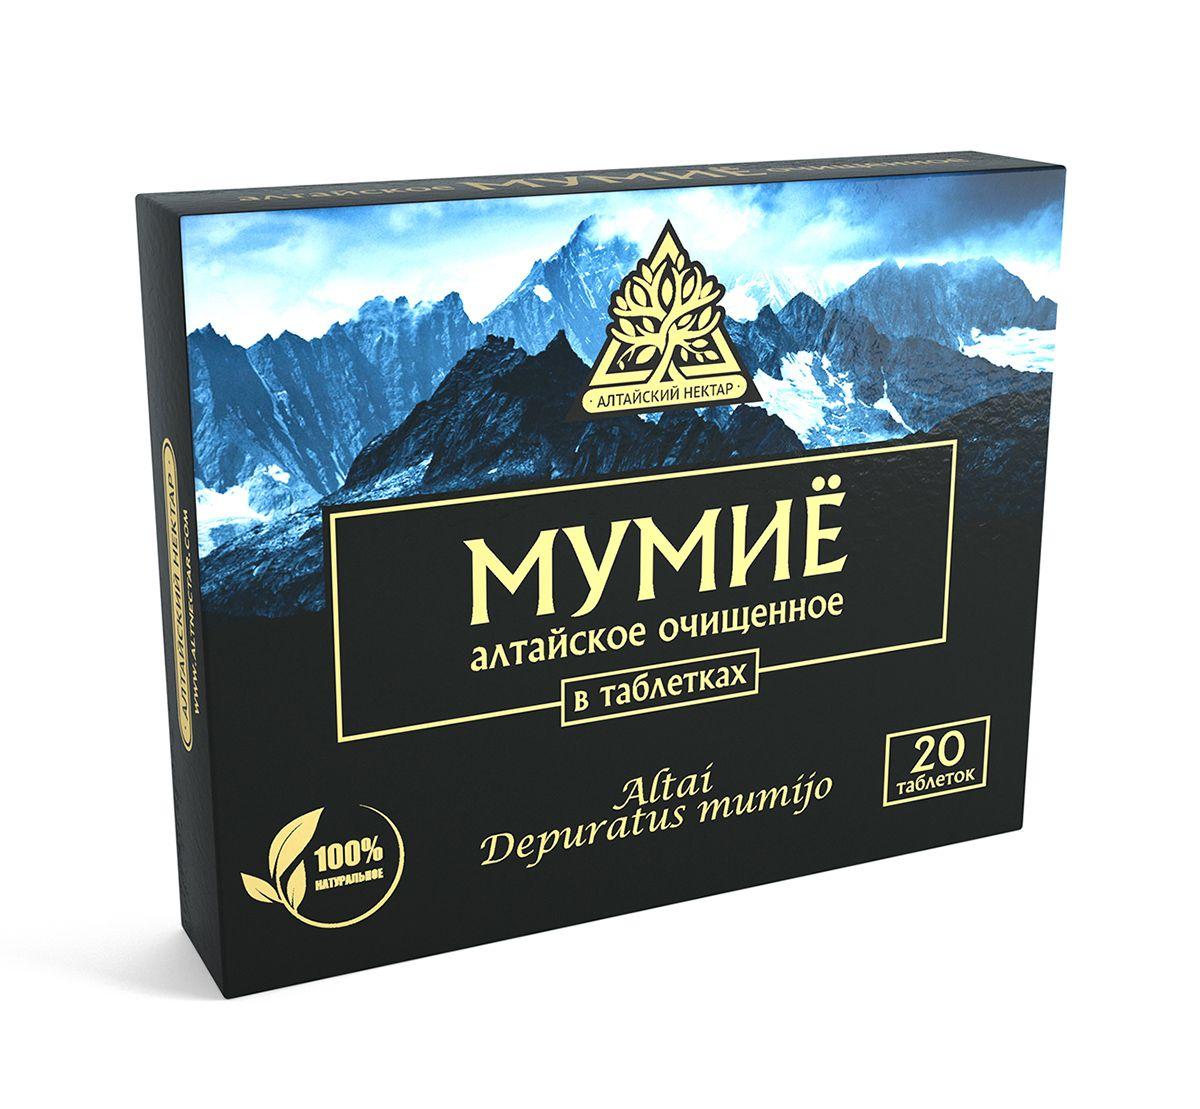 Мумие очищенное Алтайский нектар таблетки 0,2 г 20 шт.